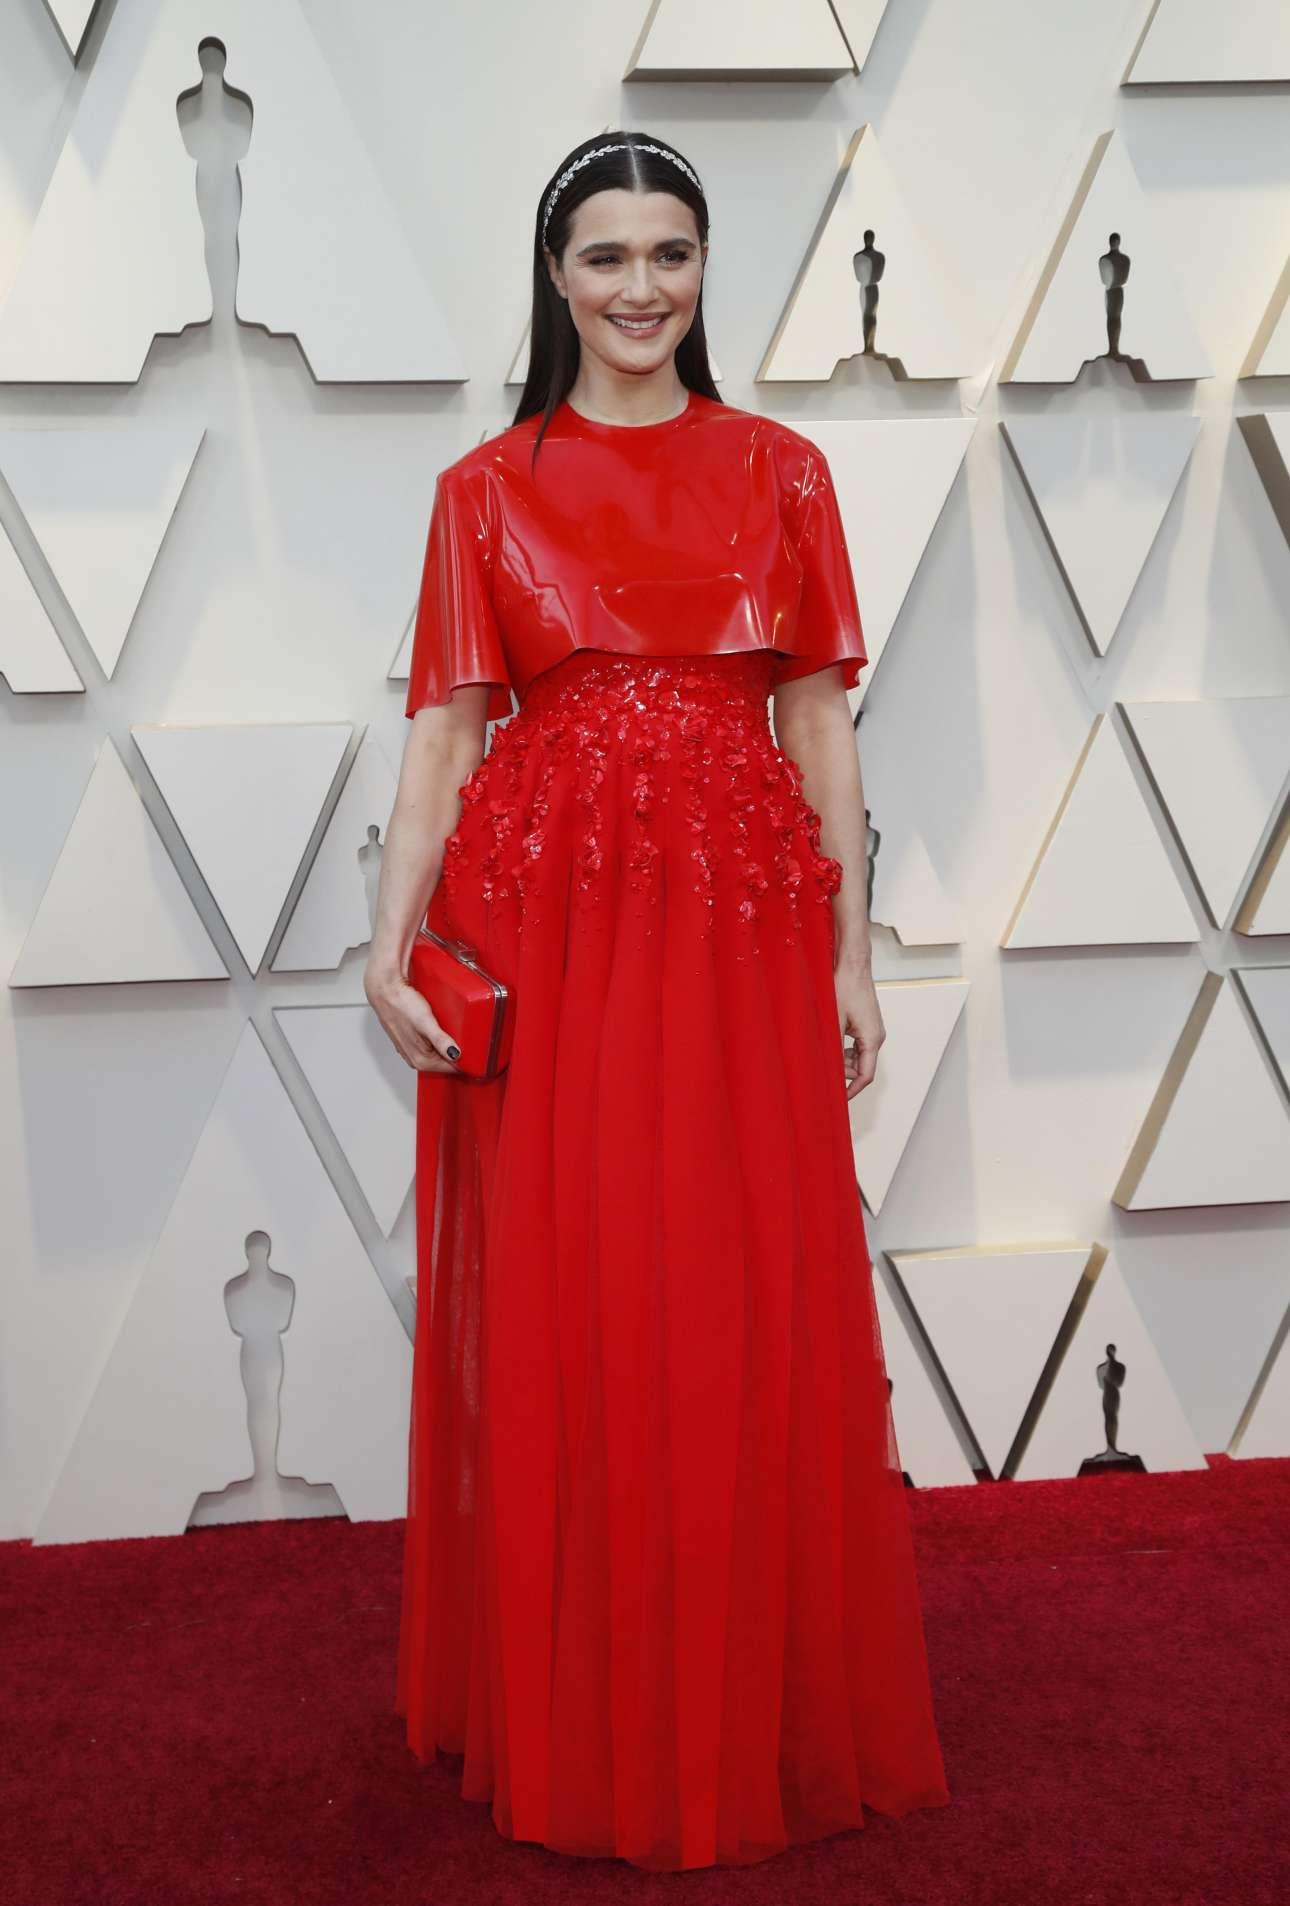 Η Ρέιτσελ Βάις, υποψήφια για Οσκαρ β' γυναικείου ρόλου για την «Ευνοούμενη» του Γιώργου Λάνθιμου, με μία ασυνήθιστη, παιχνιδιάρικη εμφάνιση – δημιουργία του Givency